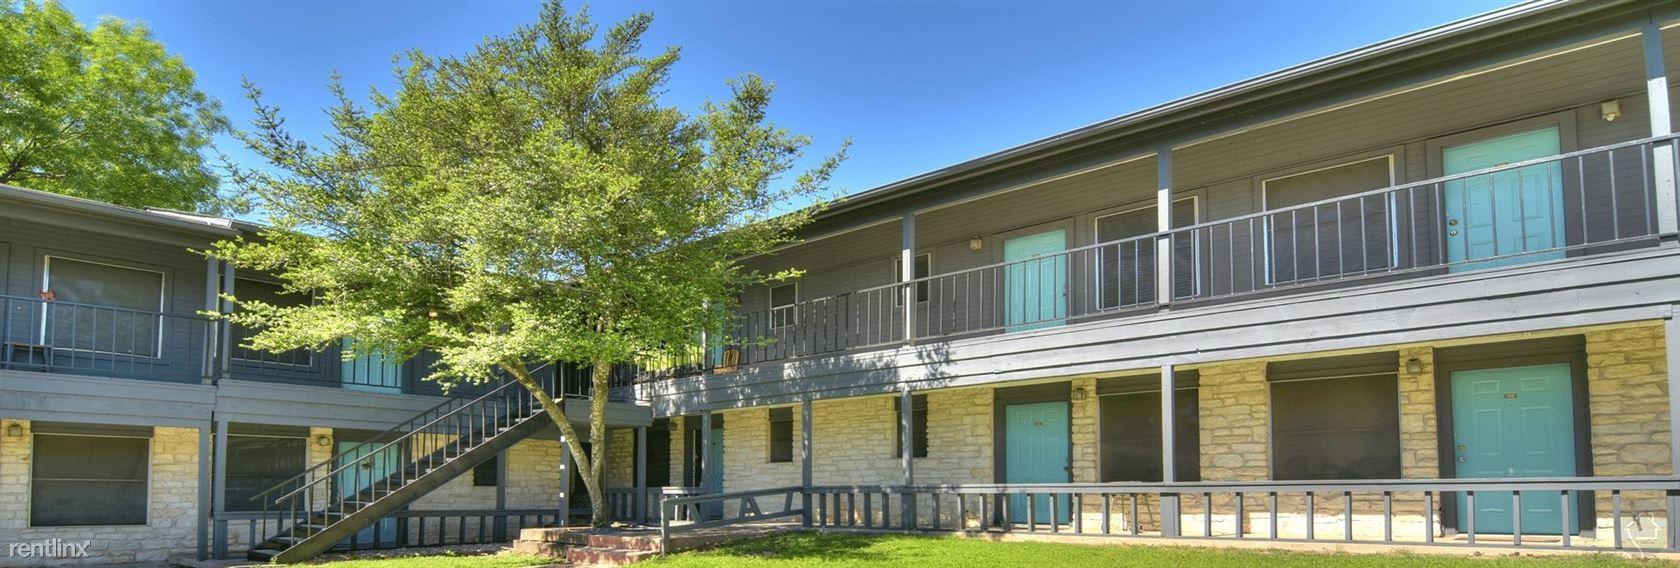 1308 McKie Dr, Austin, TX - $749 USD/ month